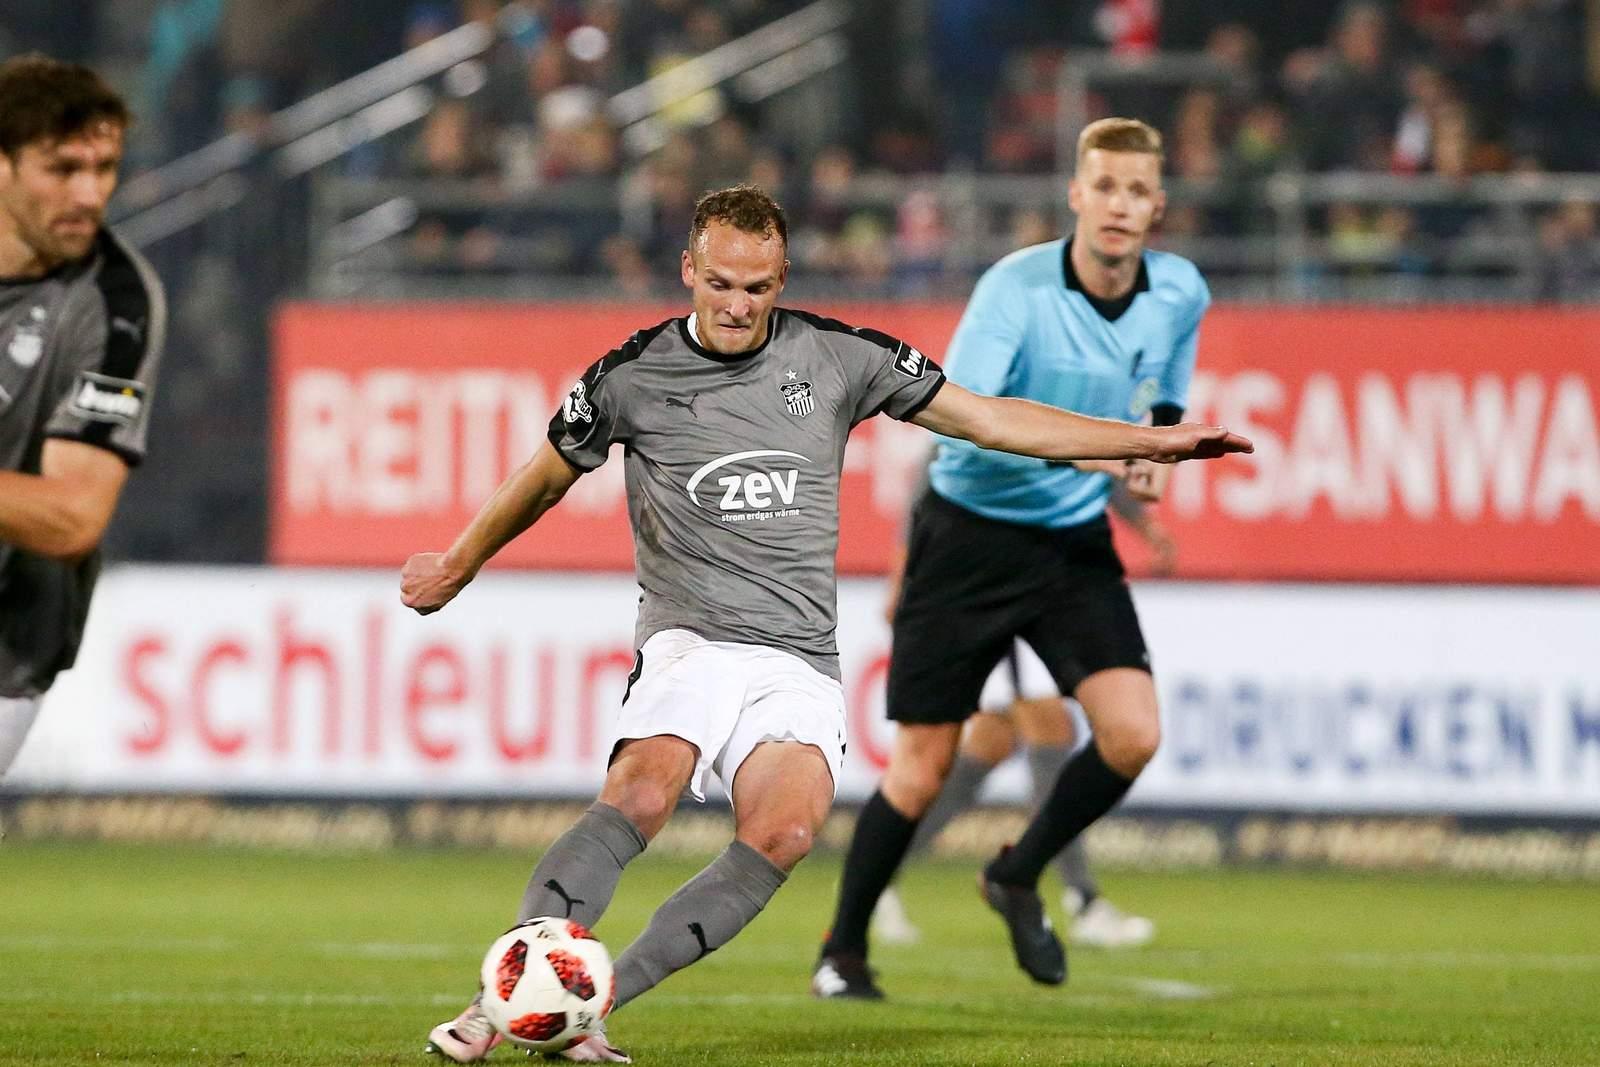 Julius Reinhardt erzielt ein Tor beim Spiel vom FSV Zwickau in Würzburg